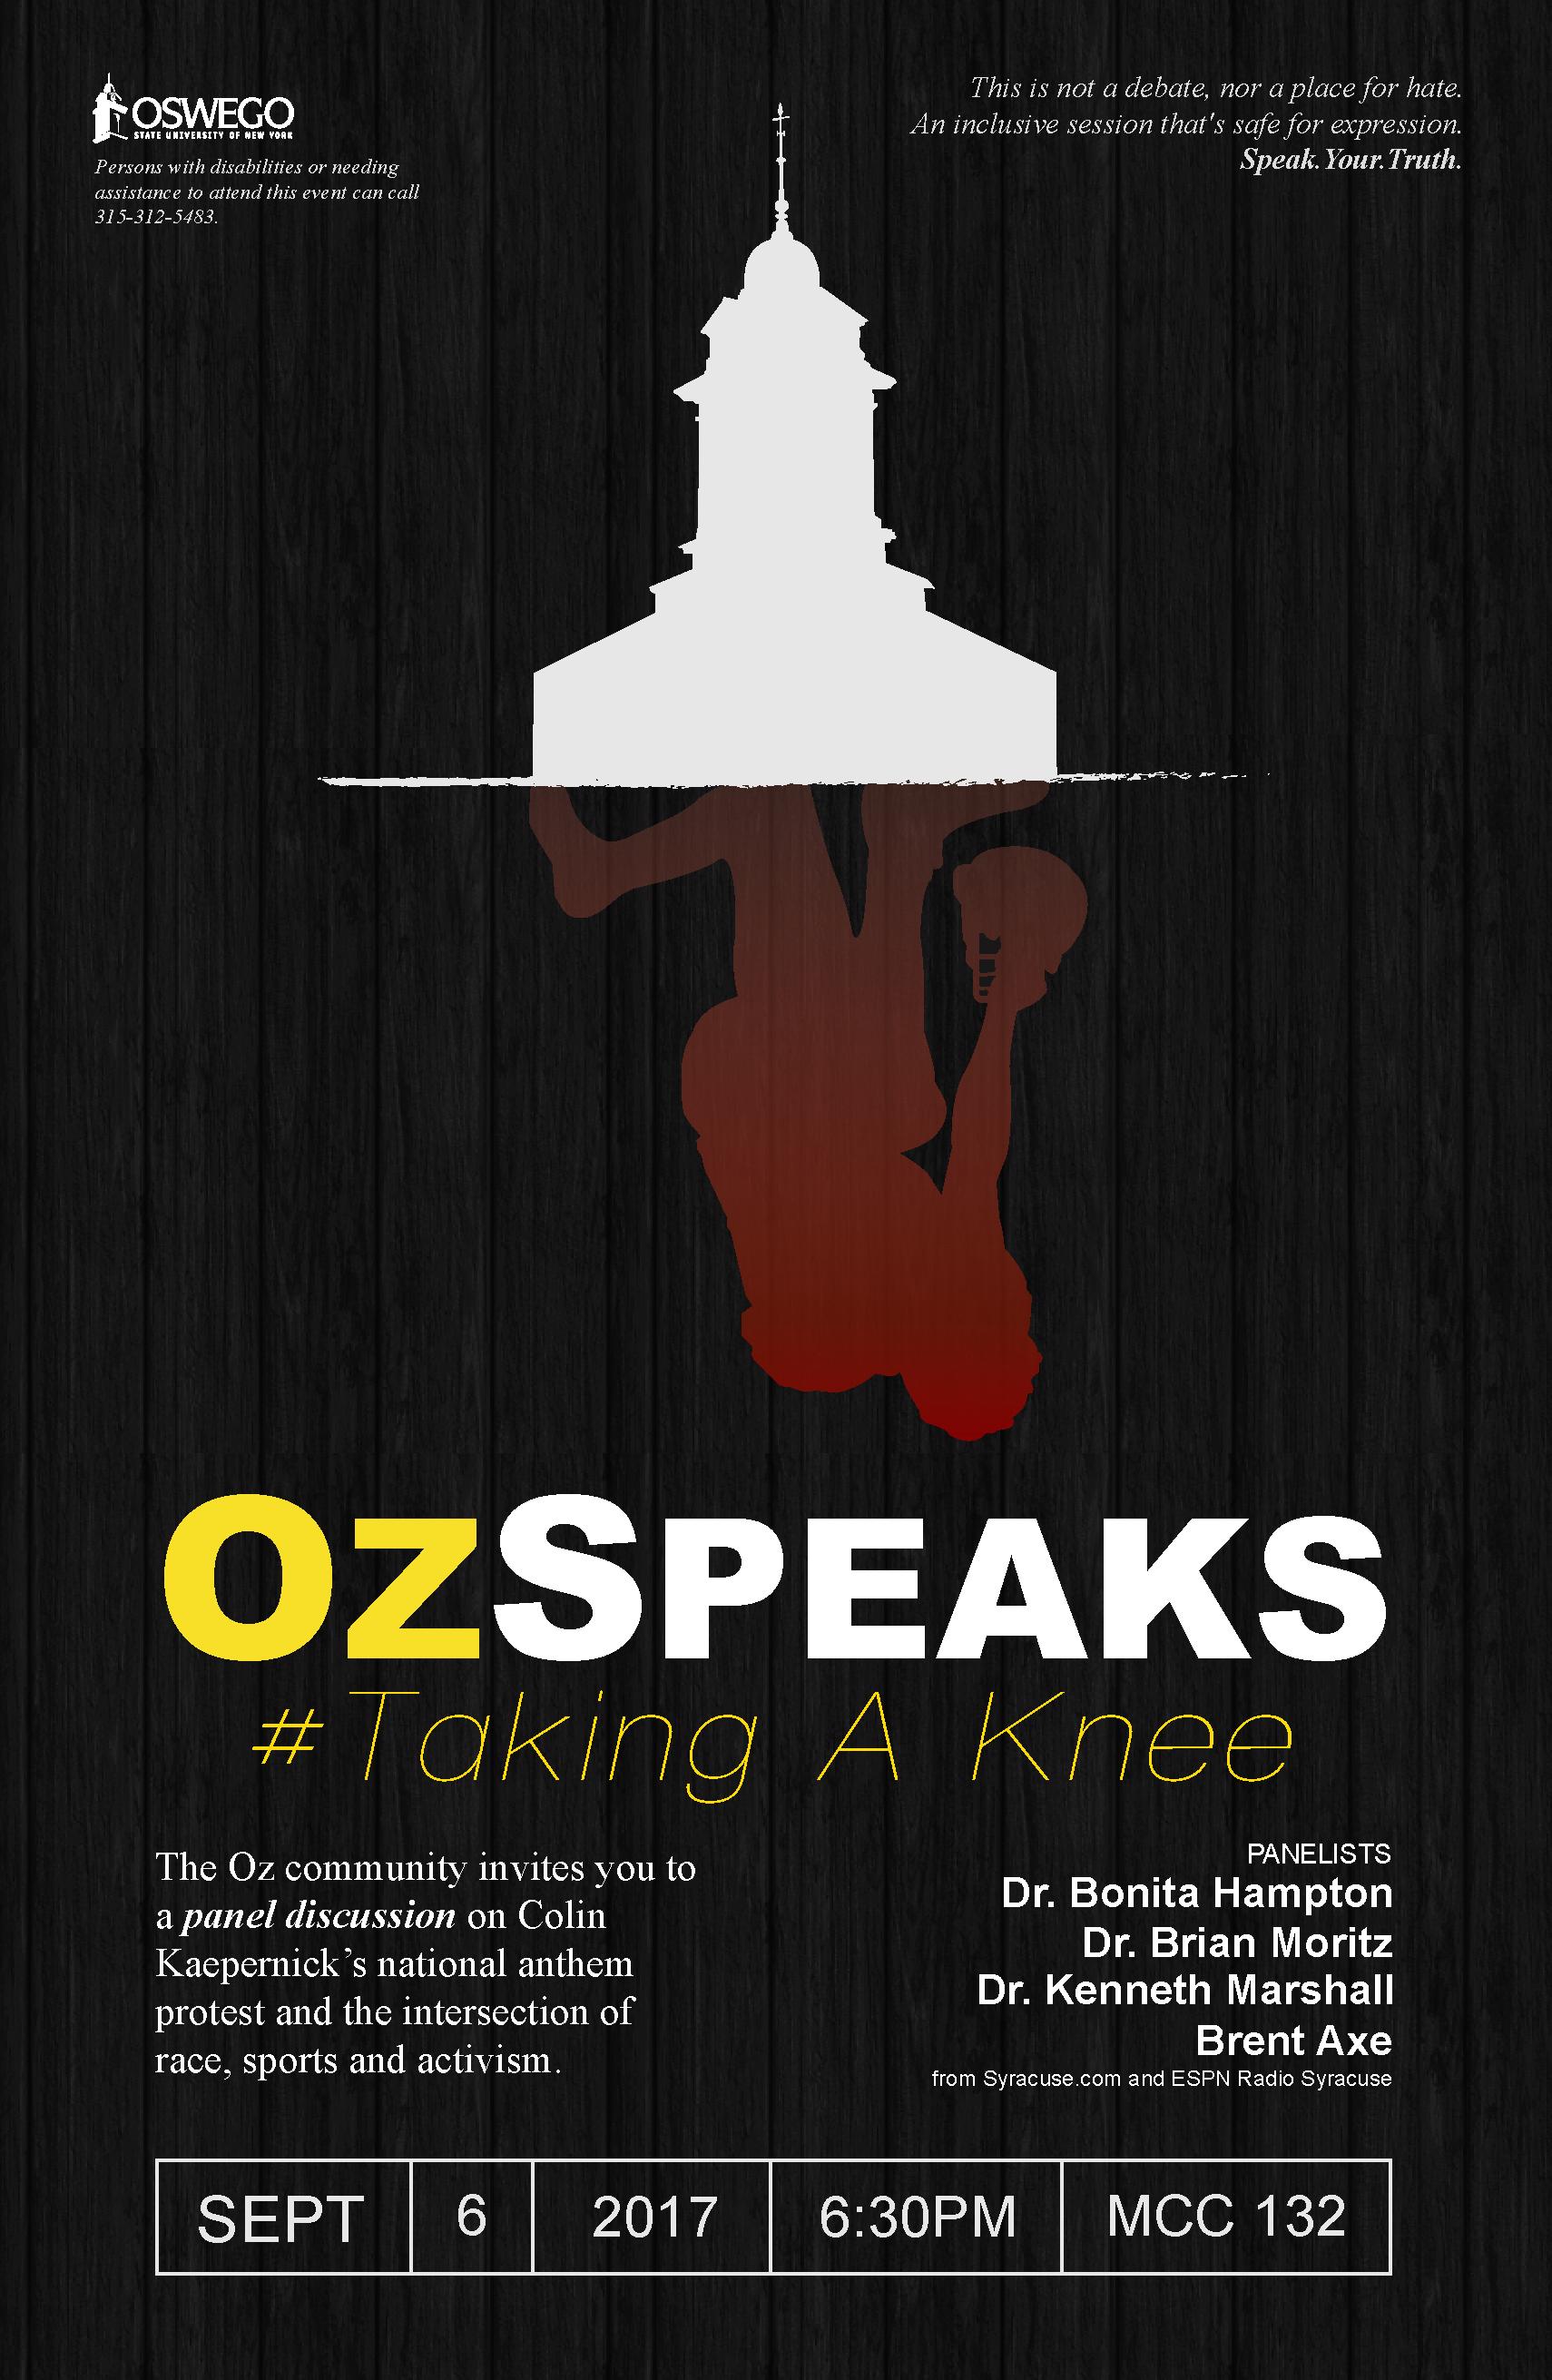 OzSpeaks - Taking A Knee